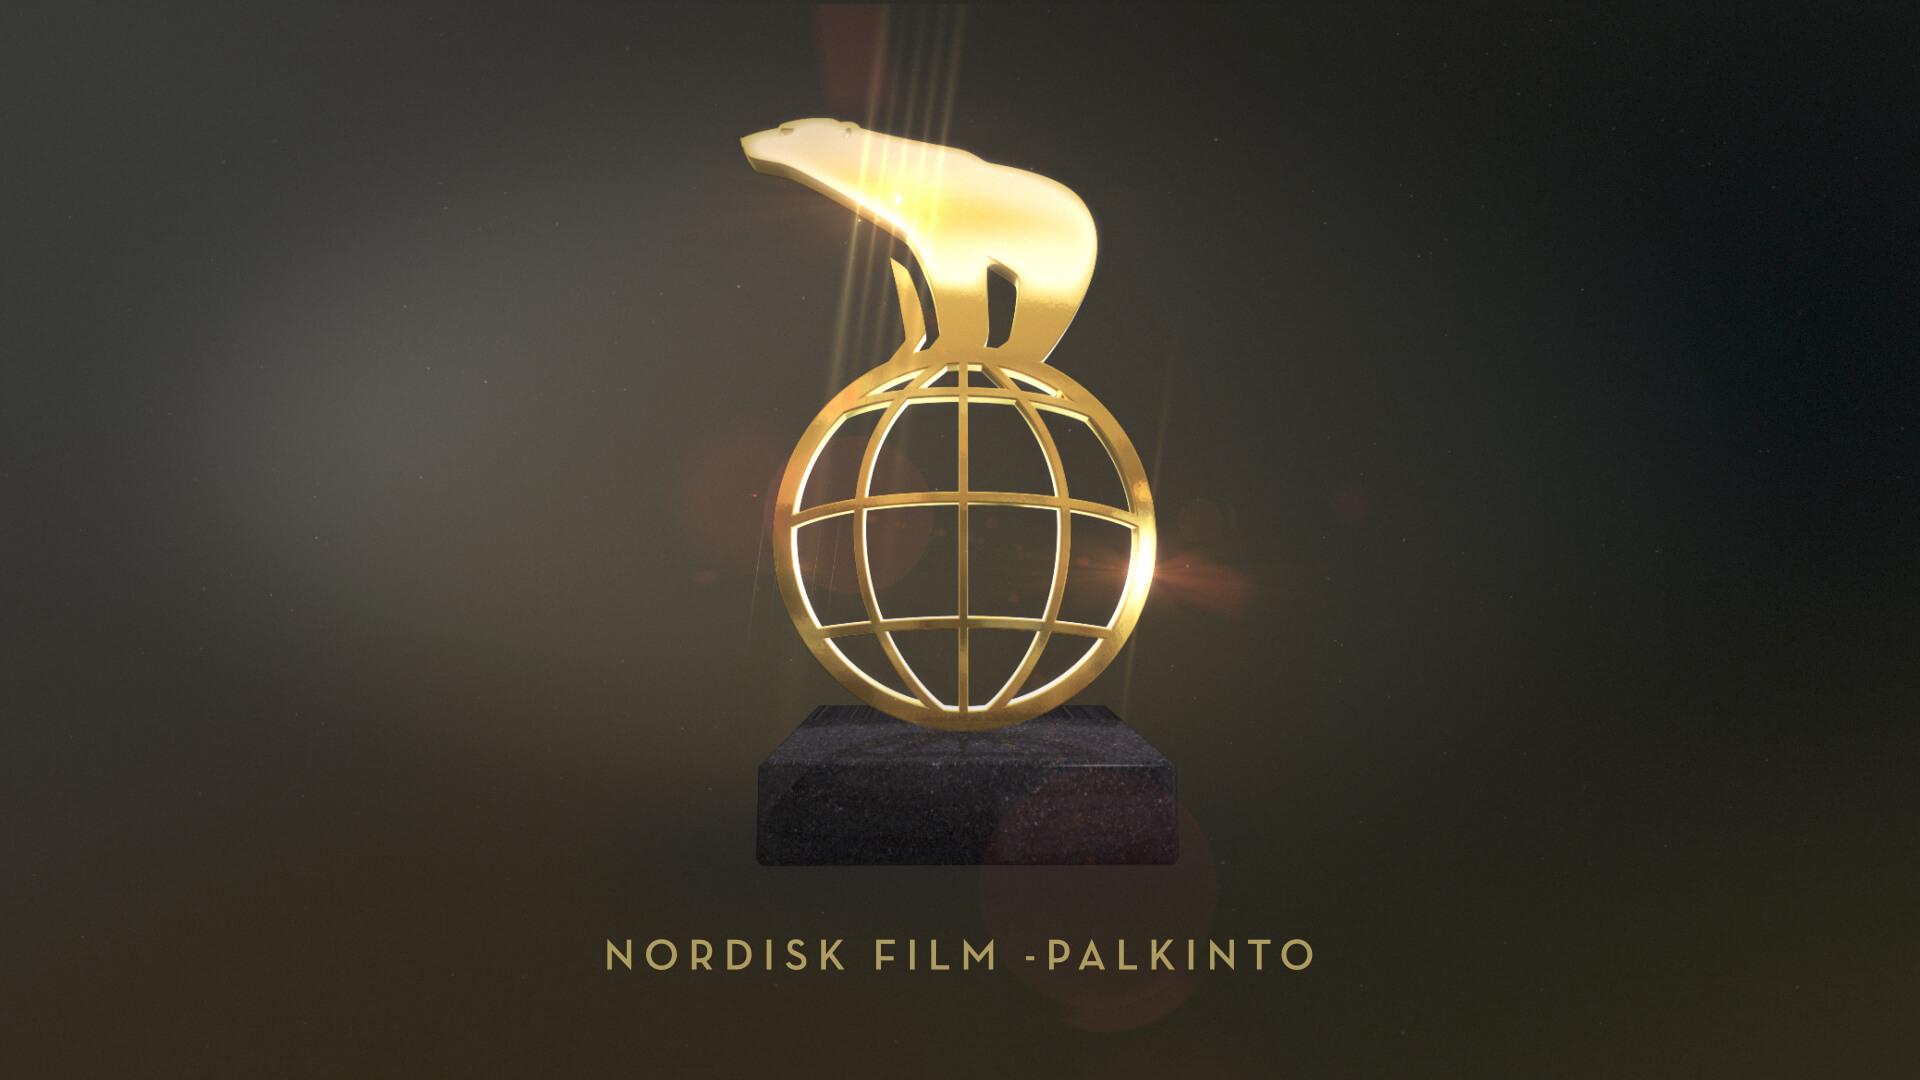 Uusi elokuva-alan tunnustuspalkinto jaetaan Jussi-gaalassa – 20 000 euron palkinto myönnetään kotimaiselle elokuvantekijälle